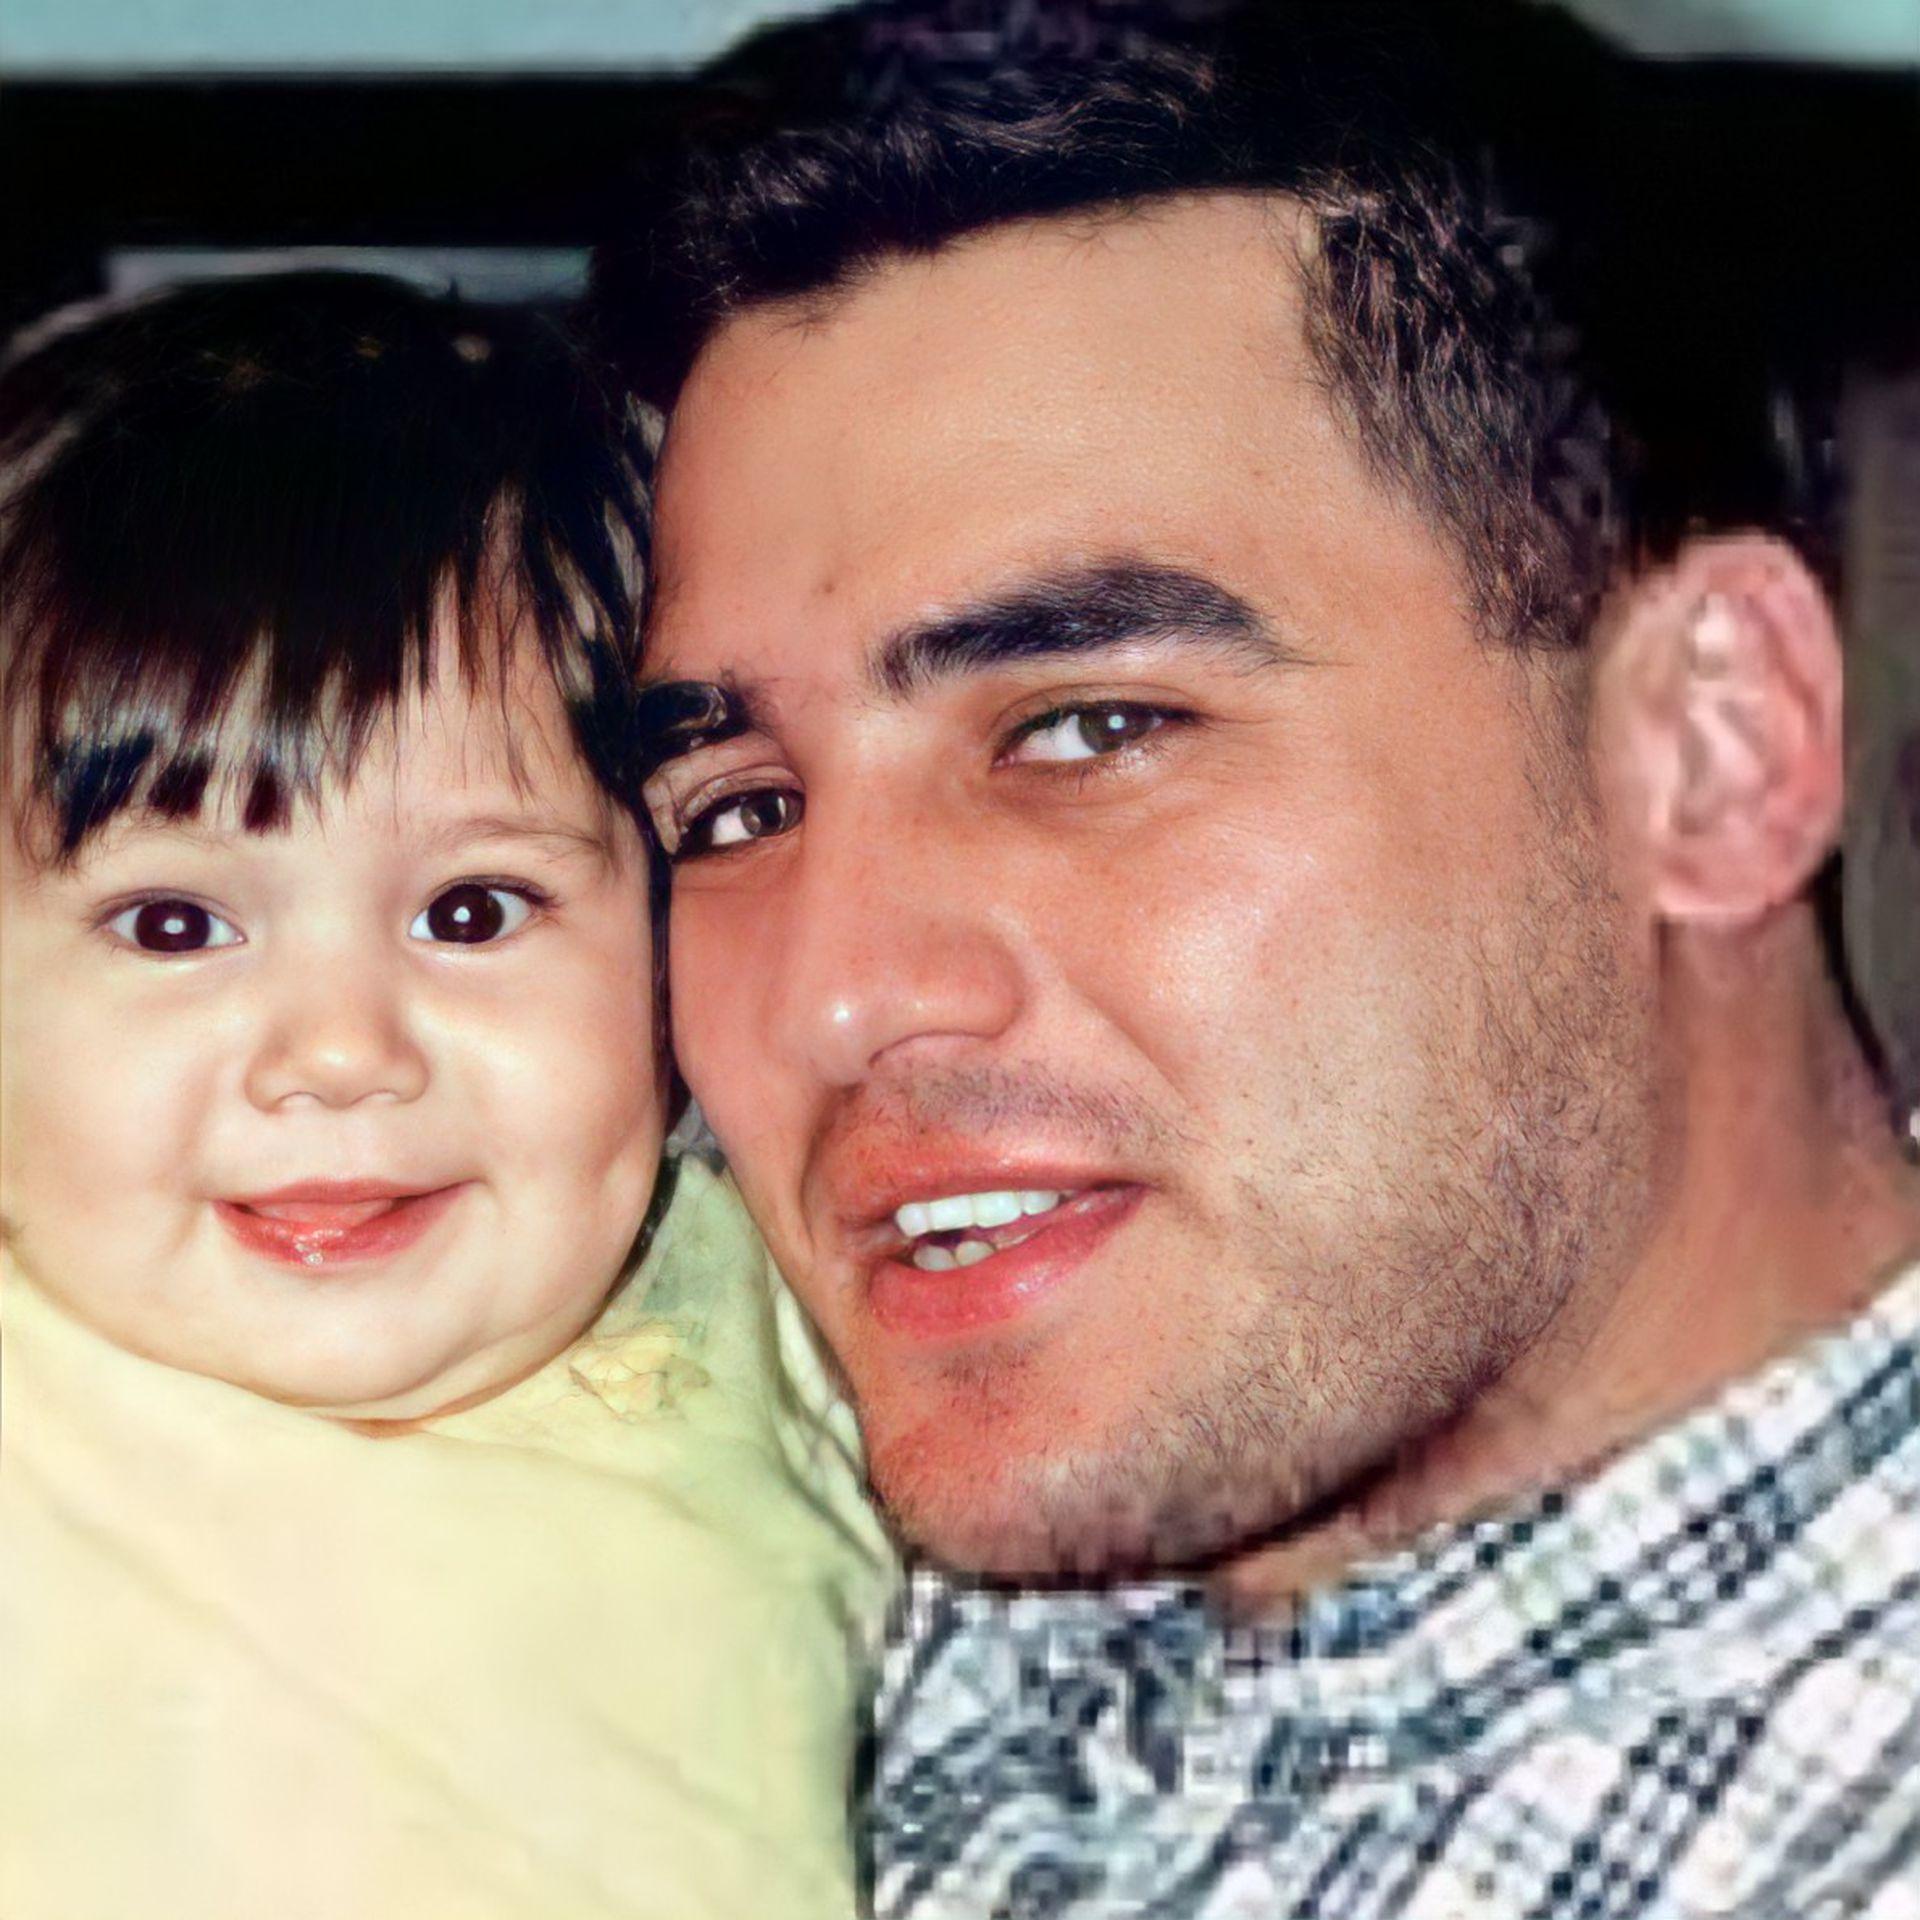 Mario Santoro, el paramédico nacido en Rosario, junto a su hija Sofía; Santoro murió con 28 años